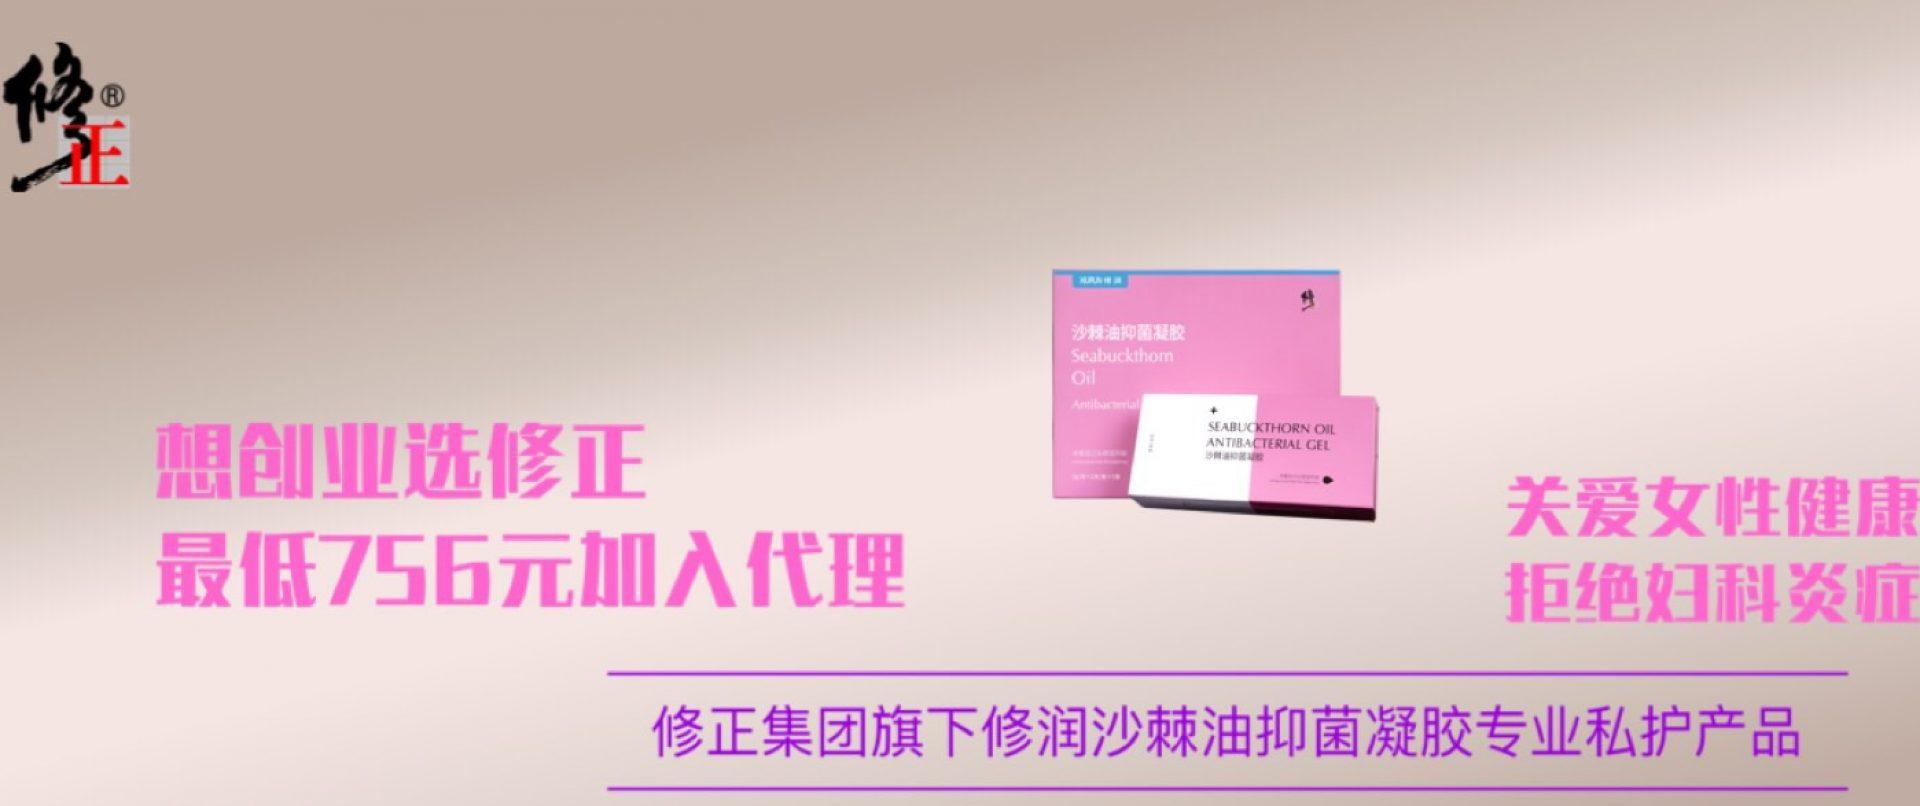 修正修润官网授权-女性私护健康品牌